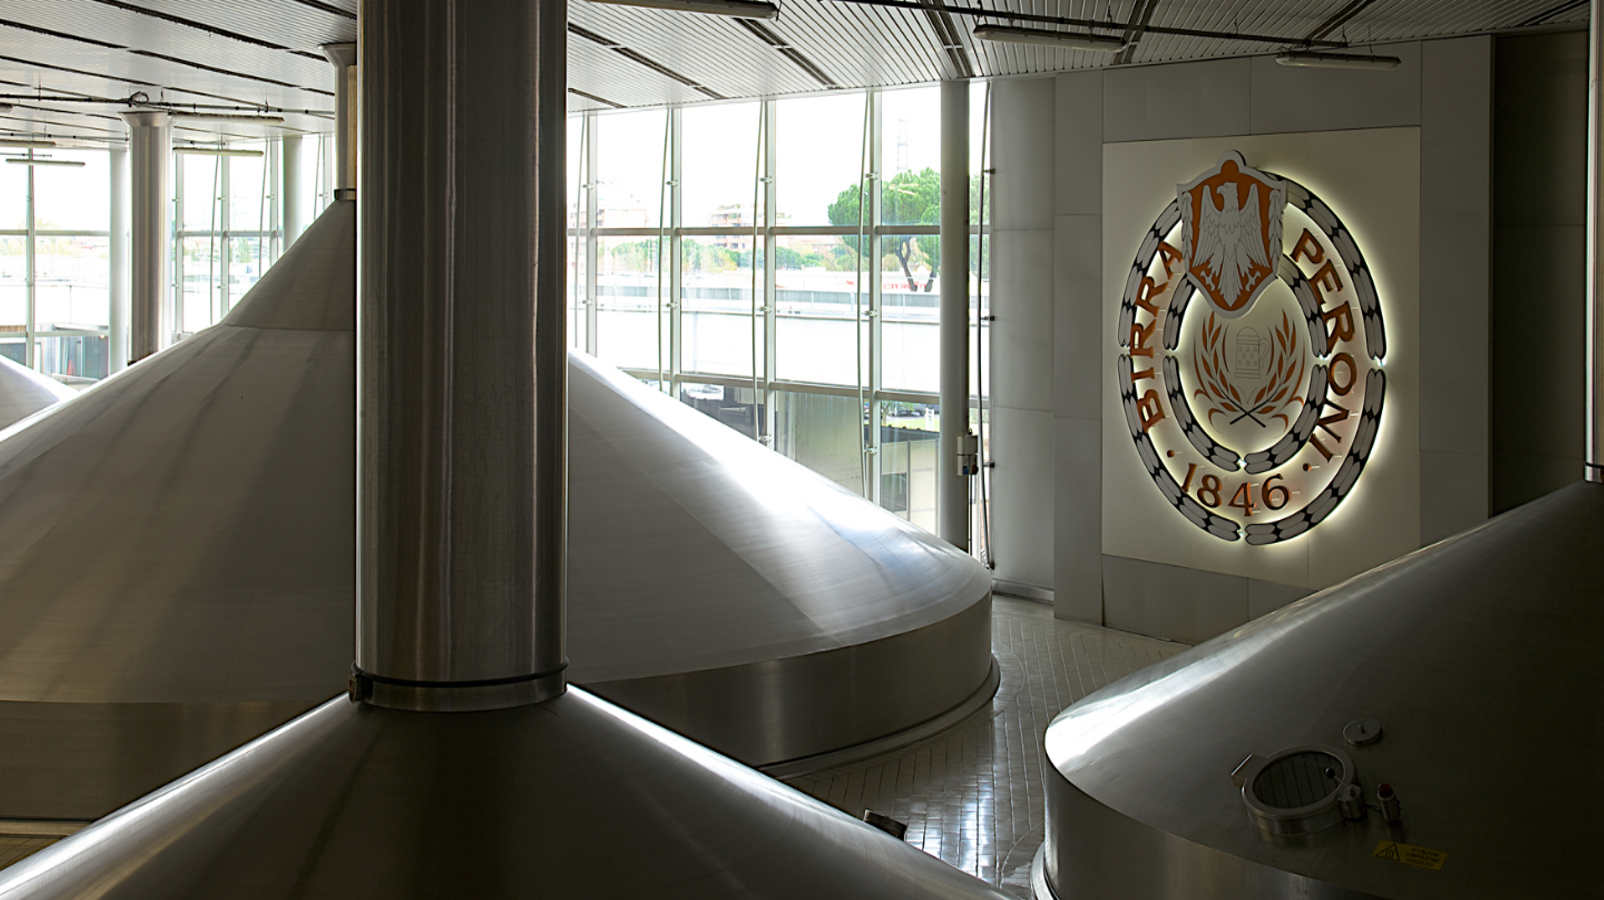 Produzione di birra da energie rinnovabili